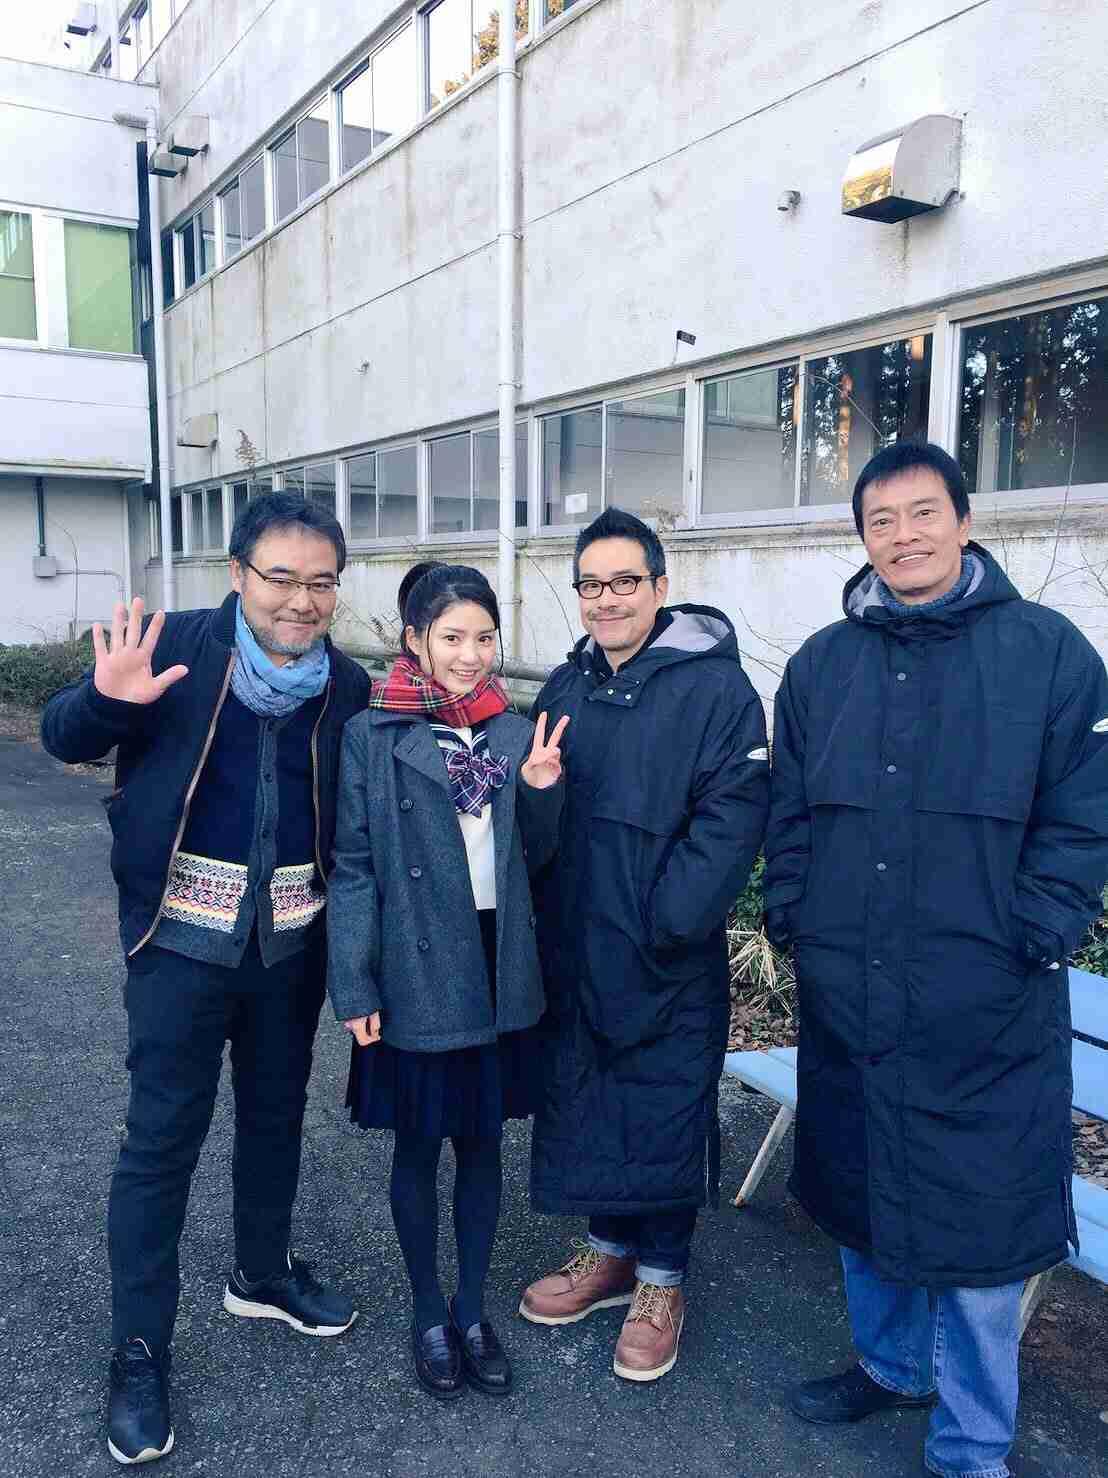 川島海荷、ジャニーズWEST主演ドラマ『炎の転校生』ヒロインに決定